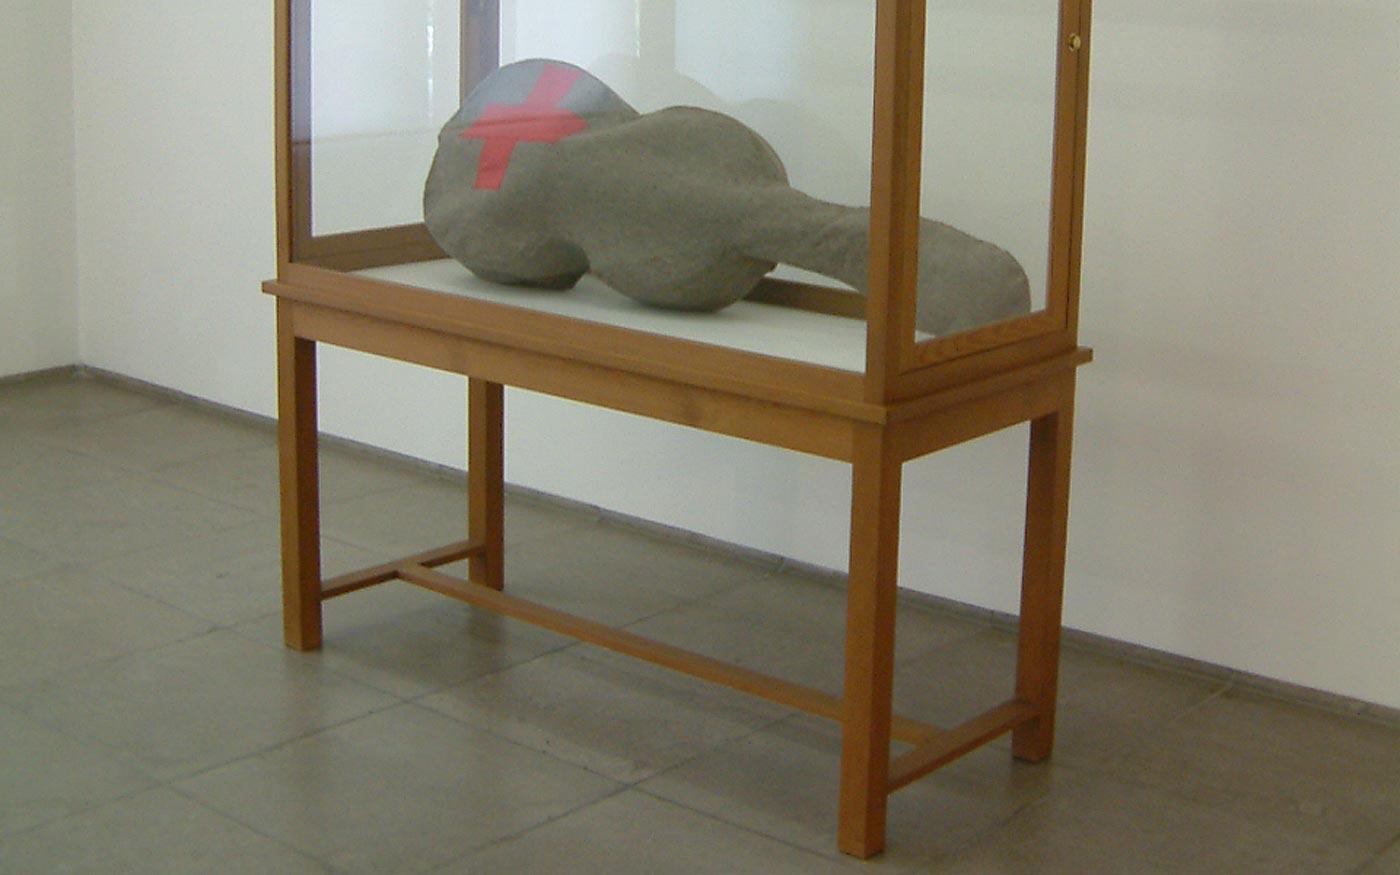 Vitrine für ein Kunstwerk von Beuys im Museum Hamburger Bahnhof